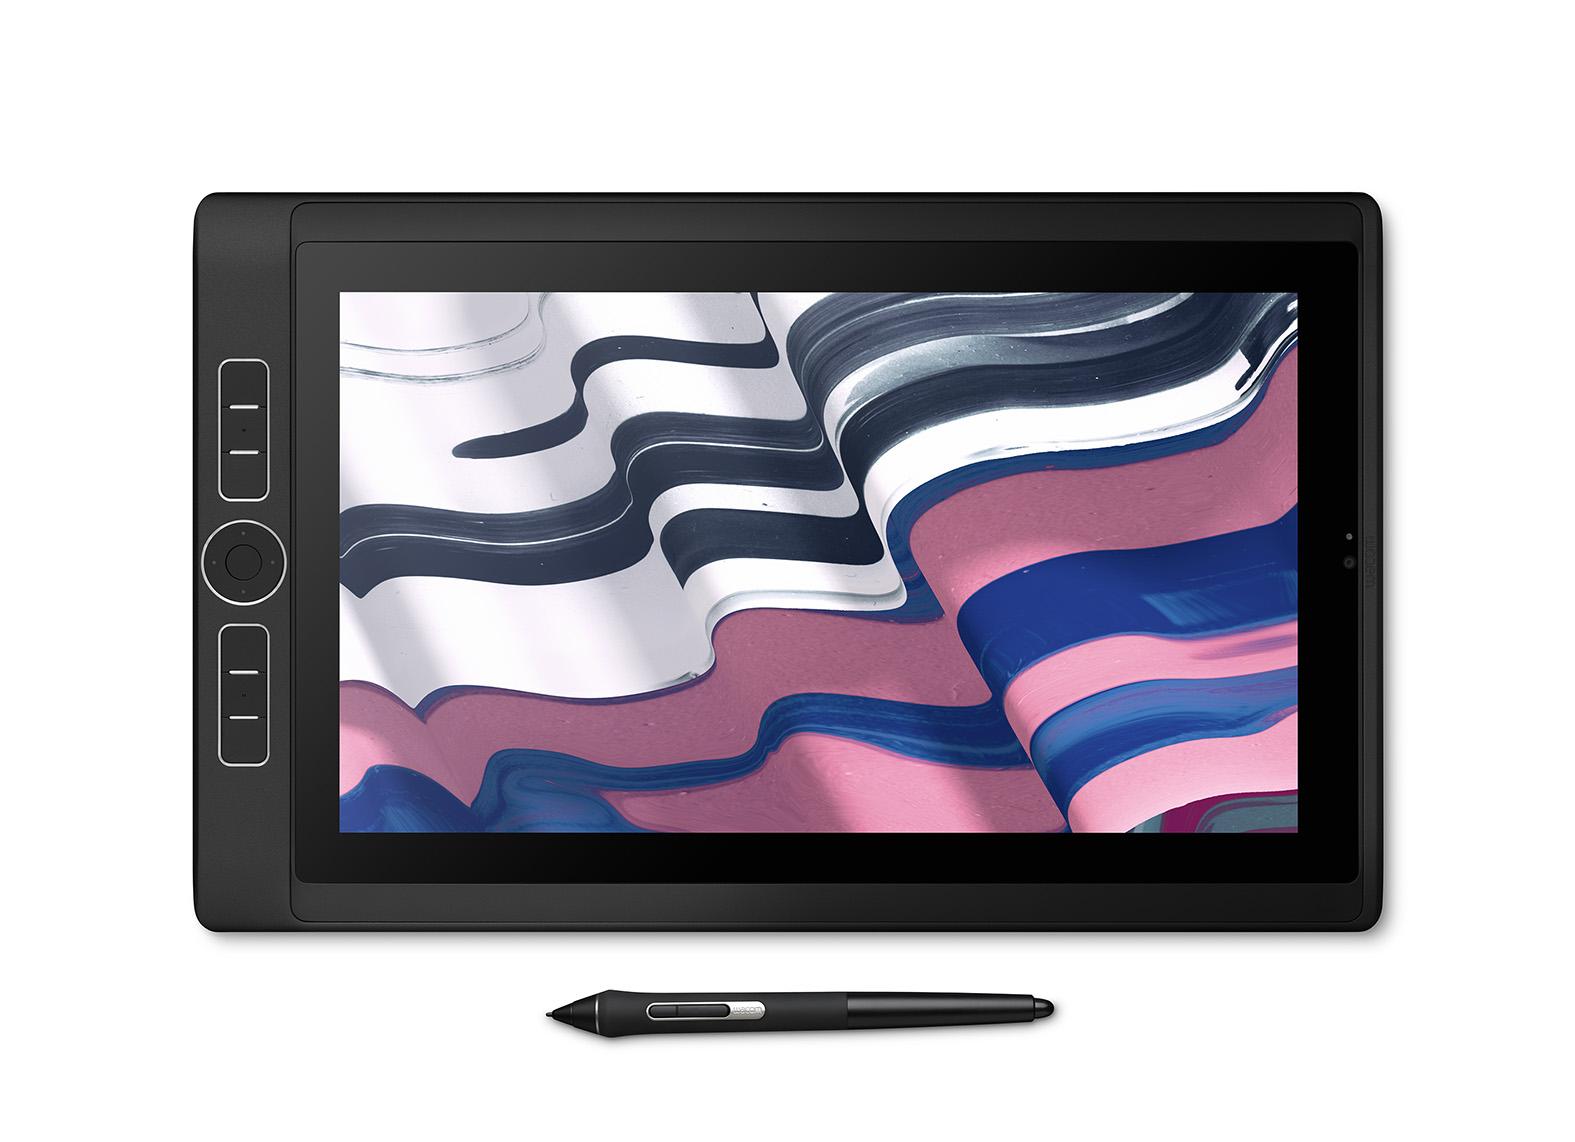 Das neue Wacom MobileStudio Pro 13 ist leiner, Leichter und tragbarer als sein 16 Zoll großer Bruder.